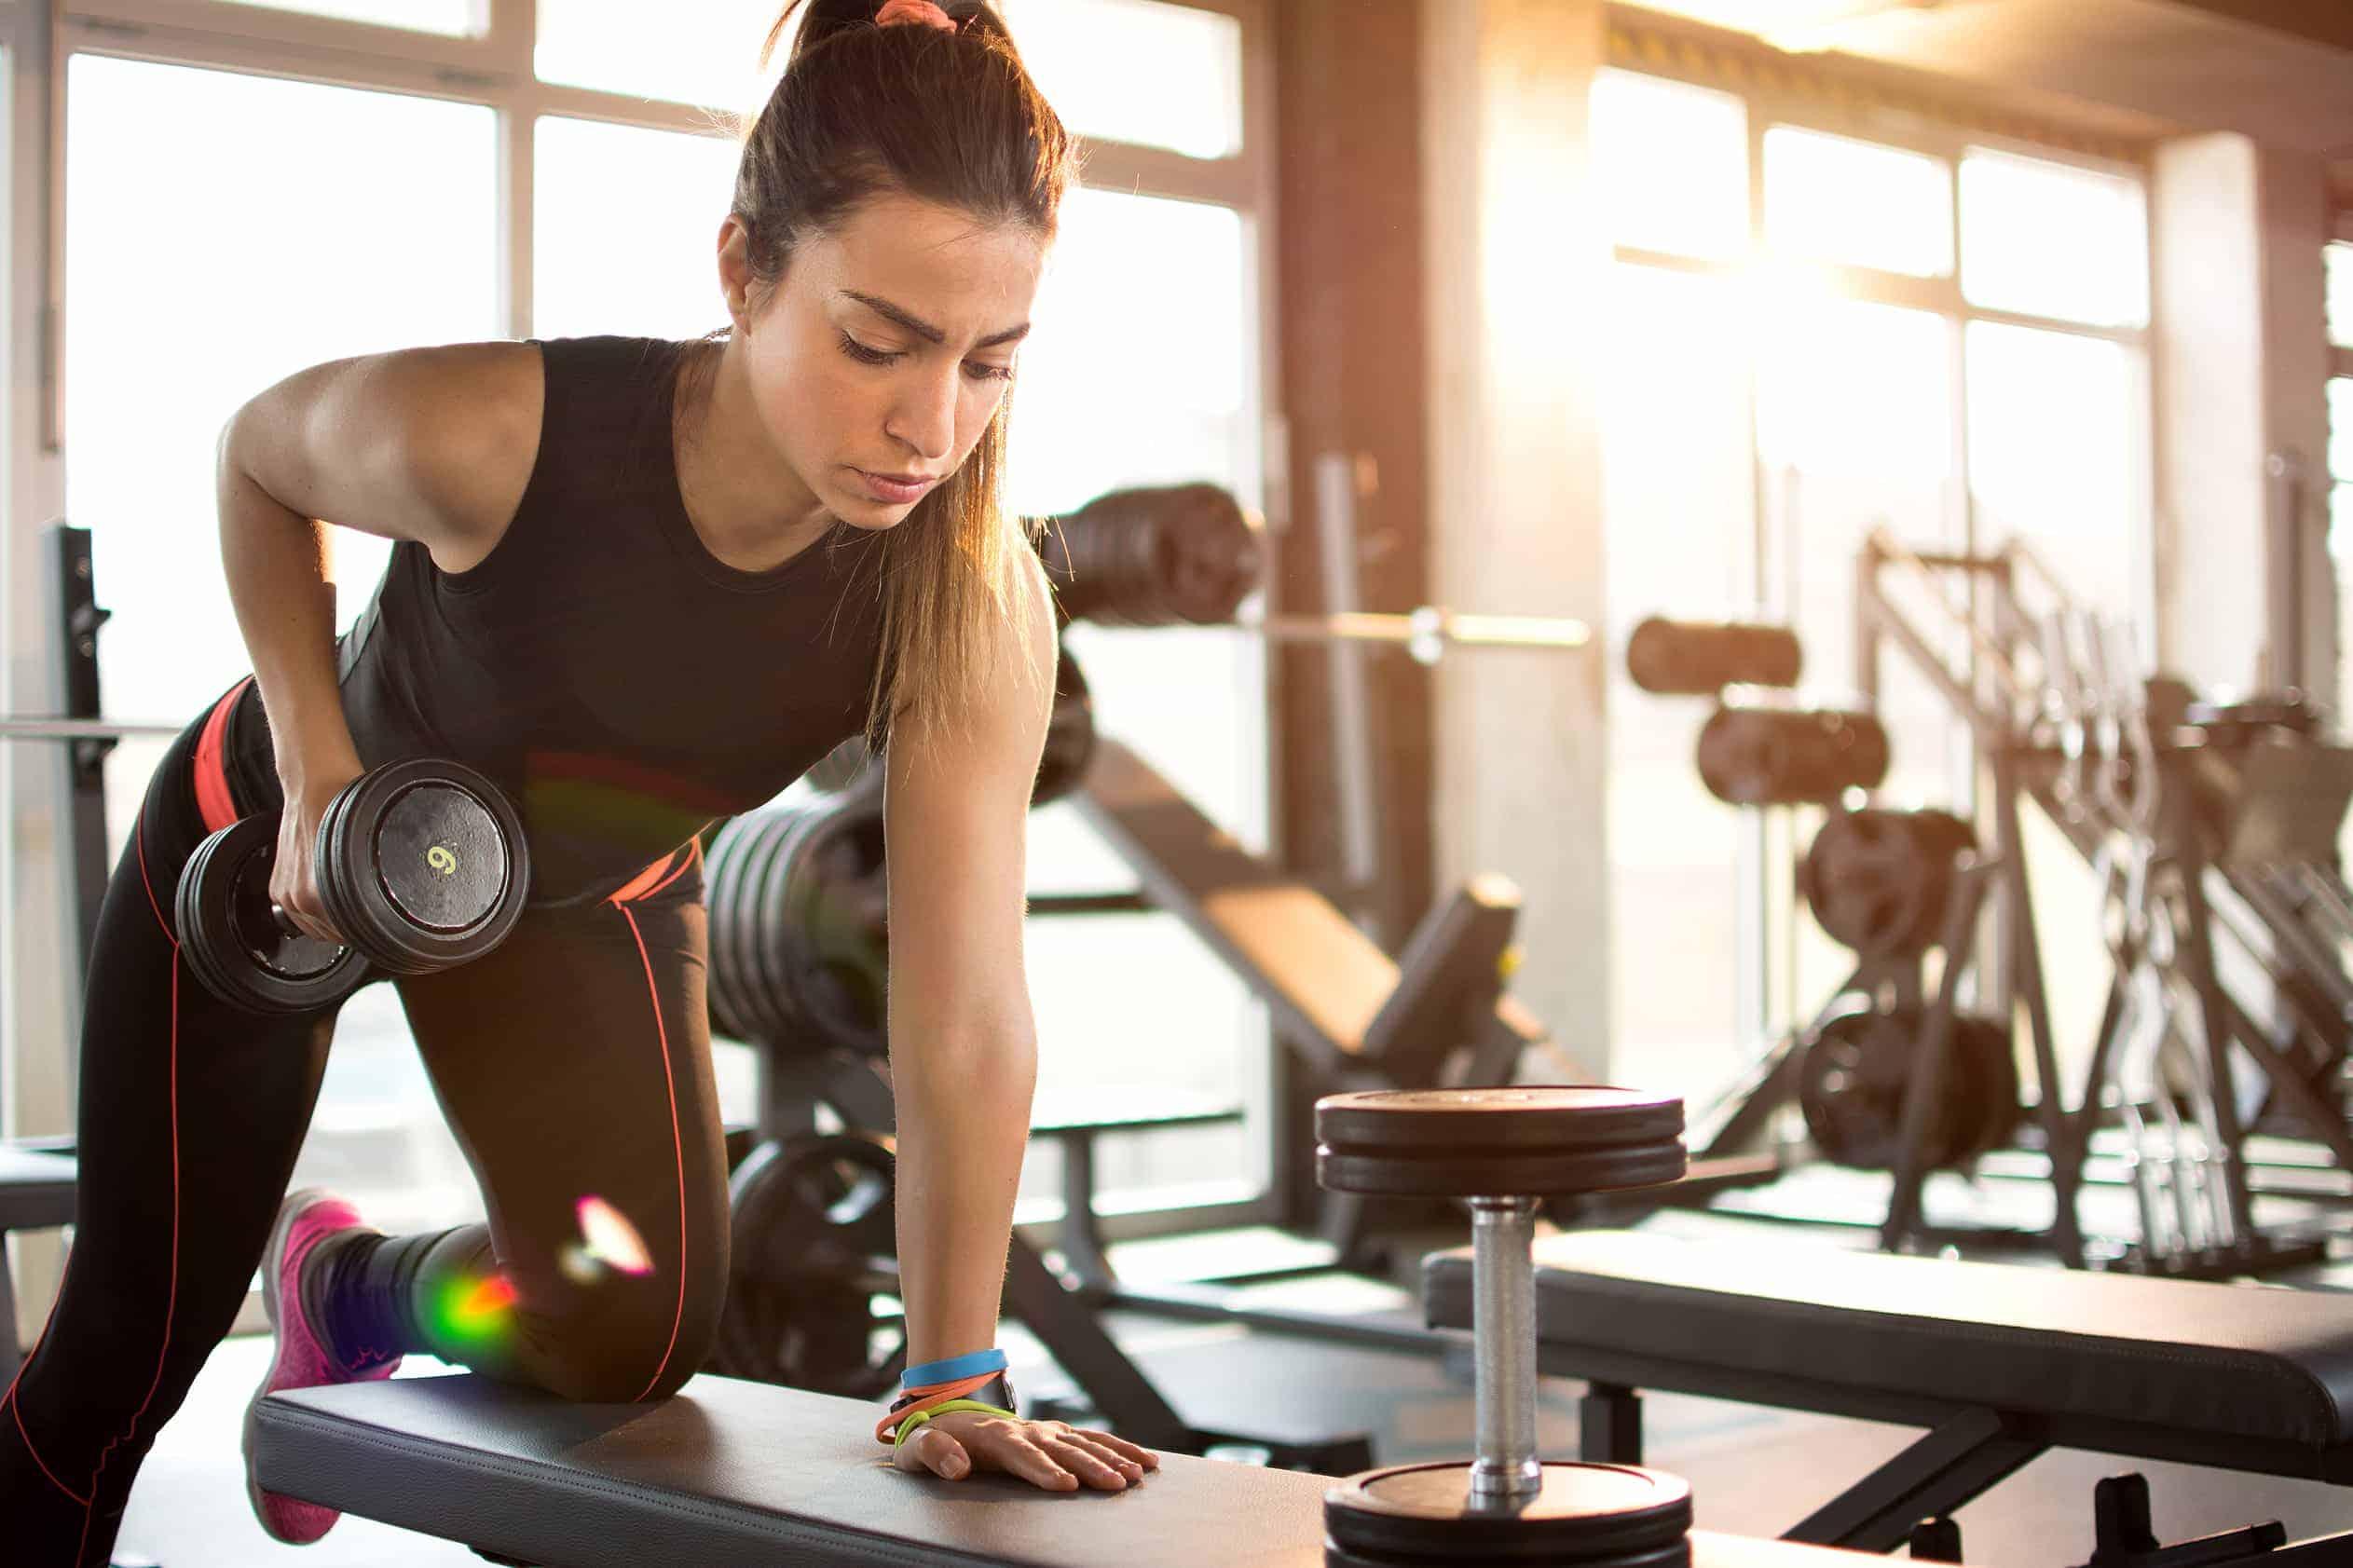 Mýty a pravda o BCAA a ich vplyve na svalovú hmotu